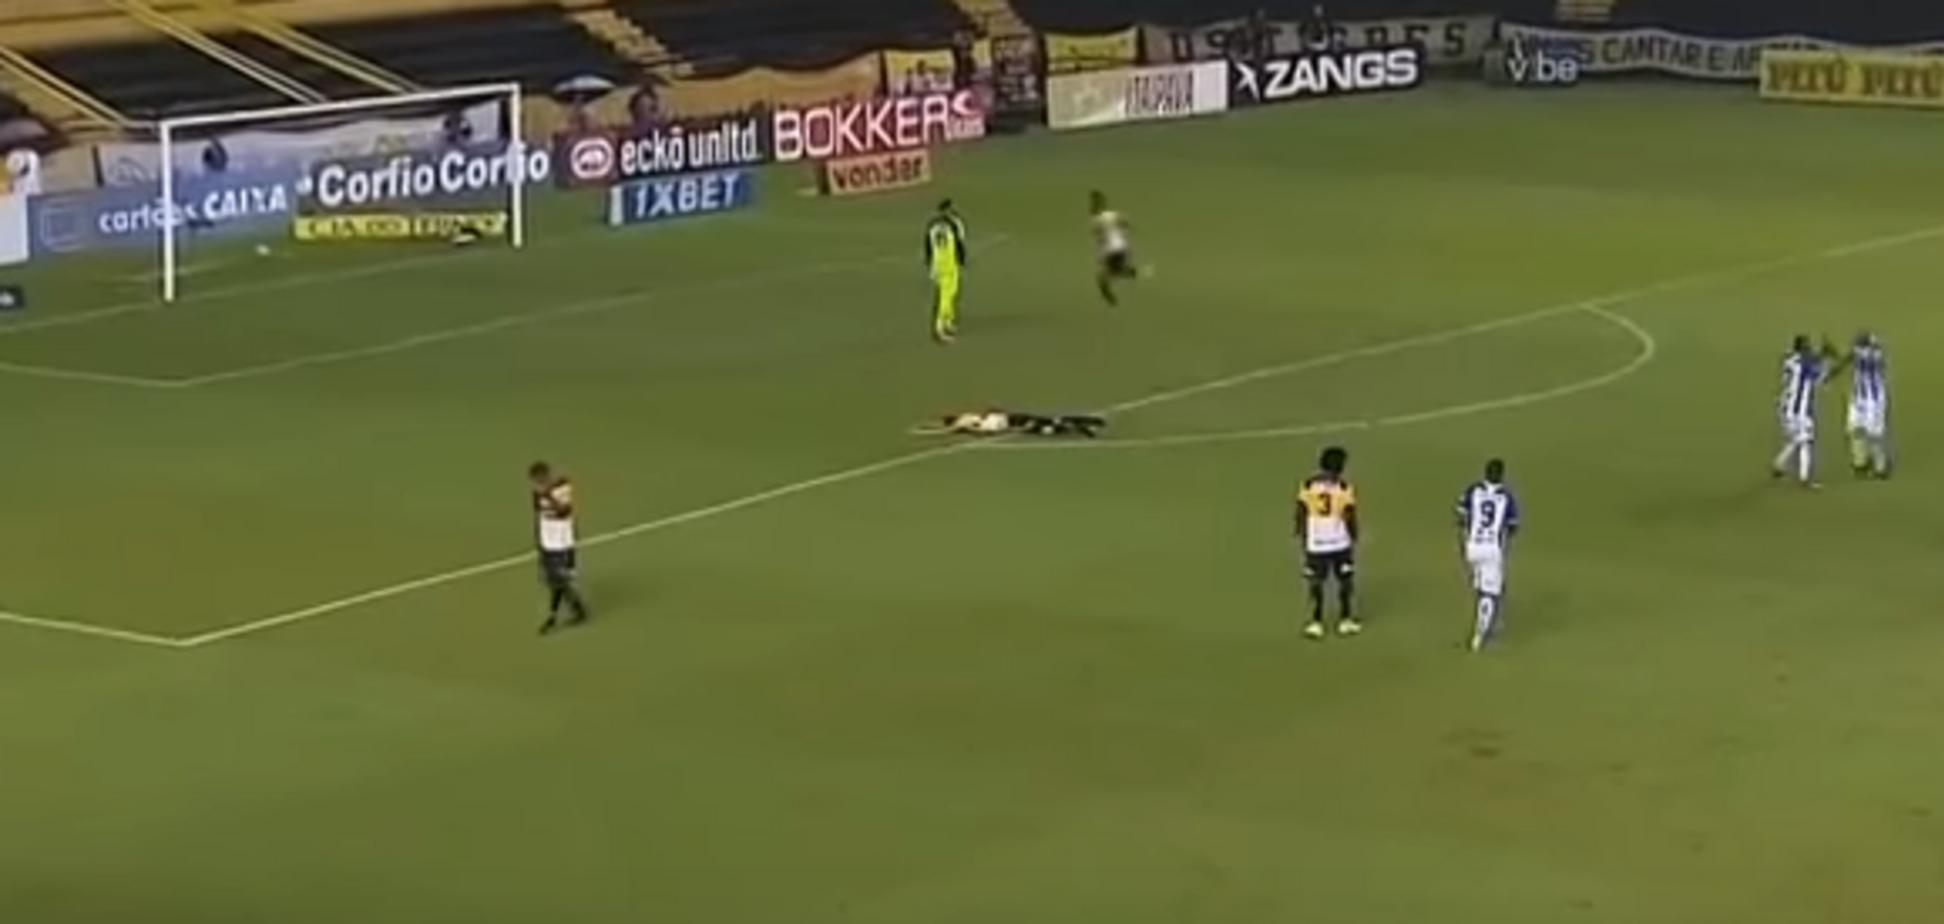 Бразильський футболіст забив космічний автогол дугою